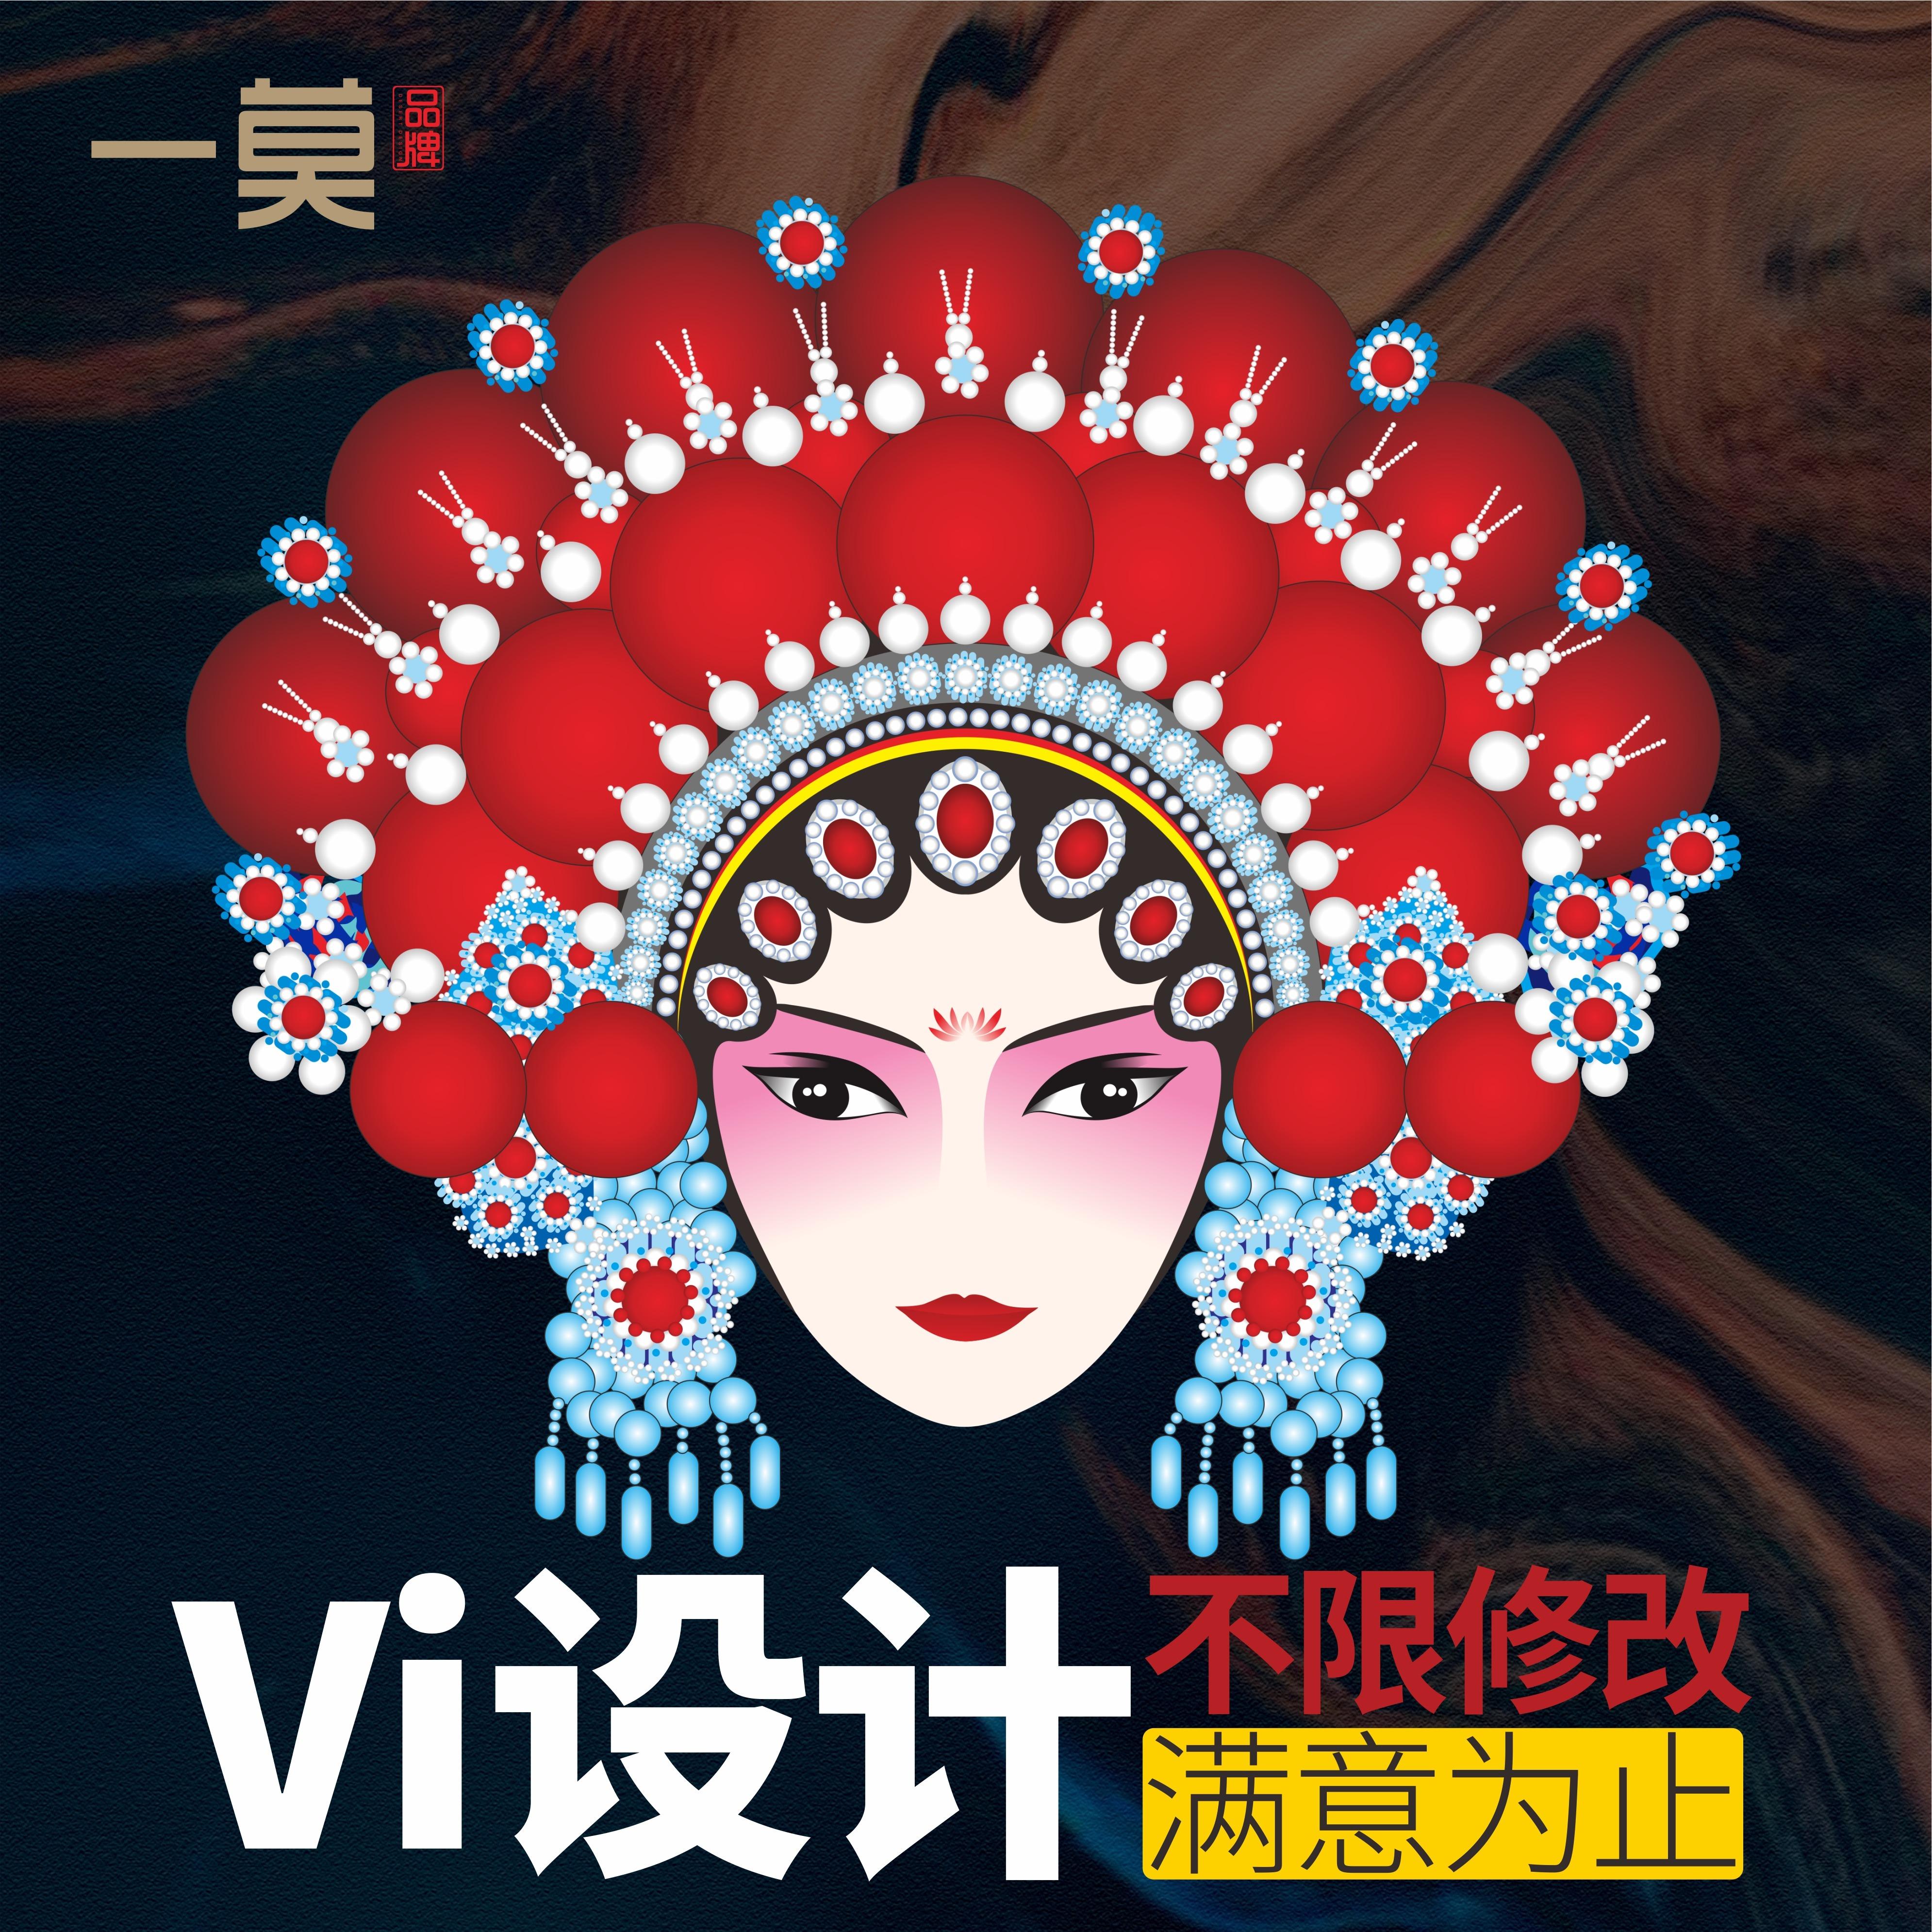 全套vi设计基础VI应用VI卡通VI餐饮教育房地产vi